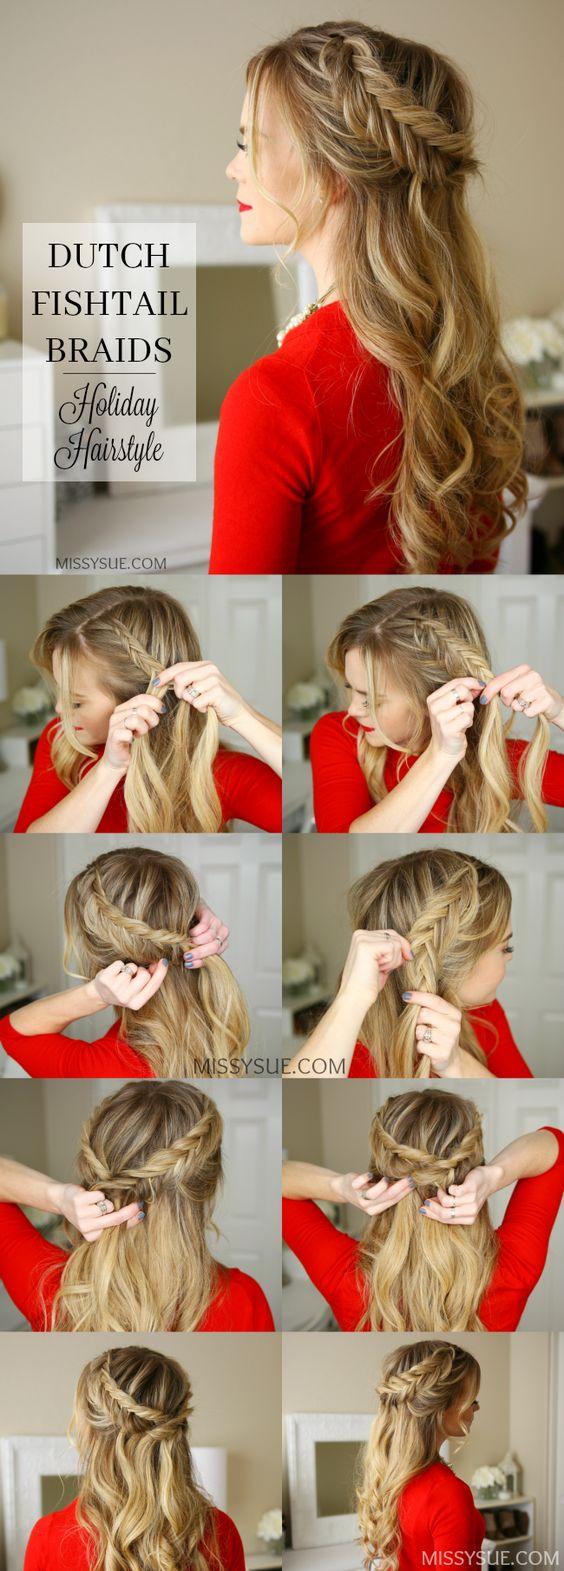 Peinado cabello suelto y diadema cola de pescado